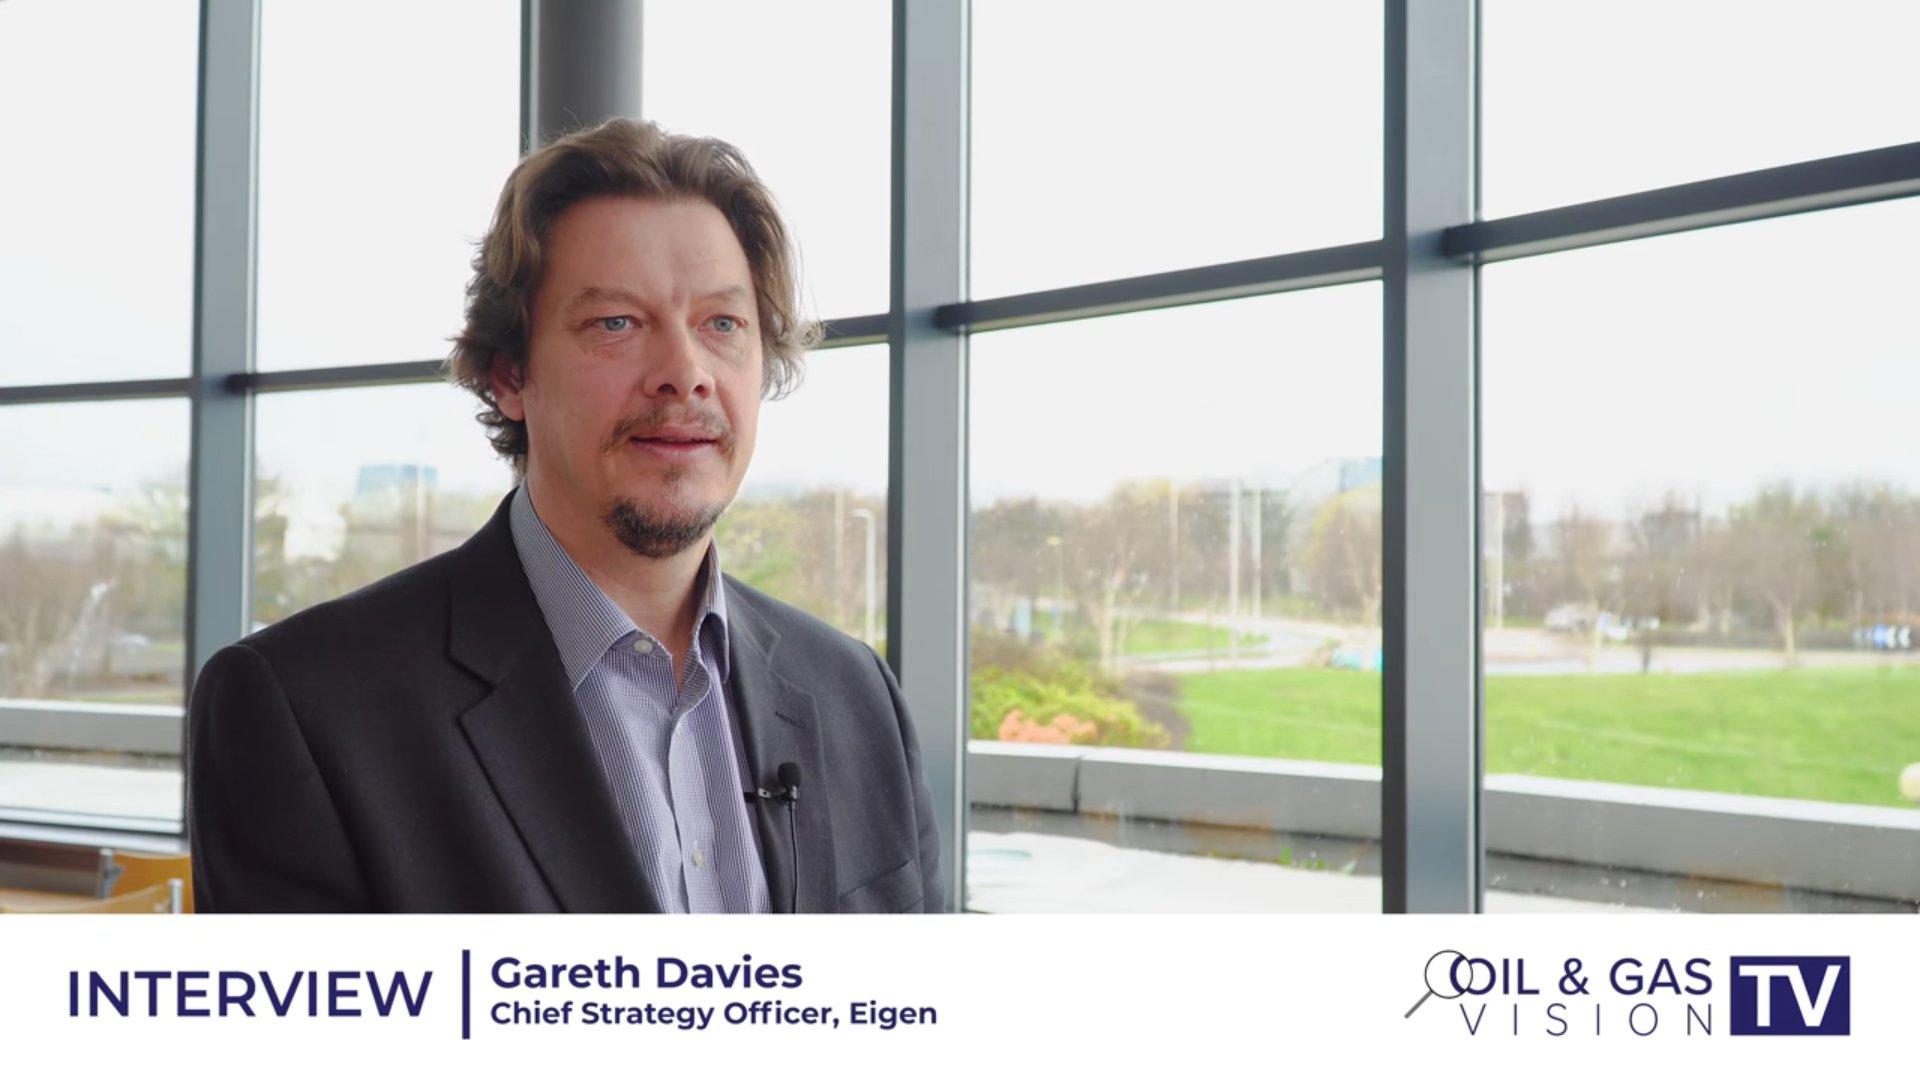 Gareth Davies of Eigen